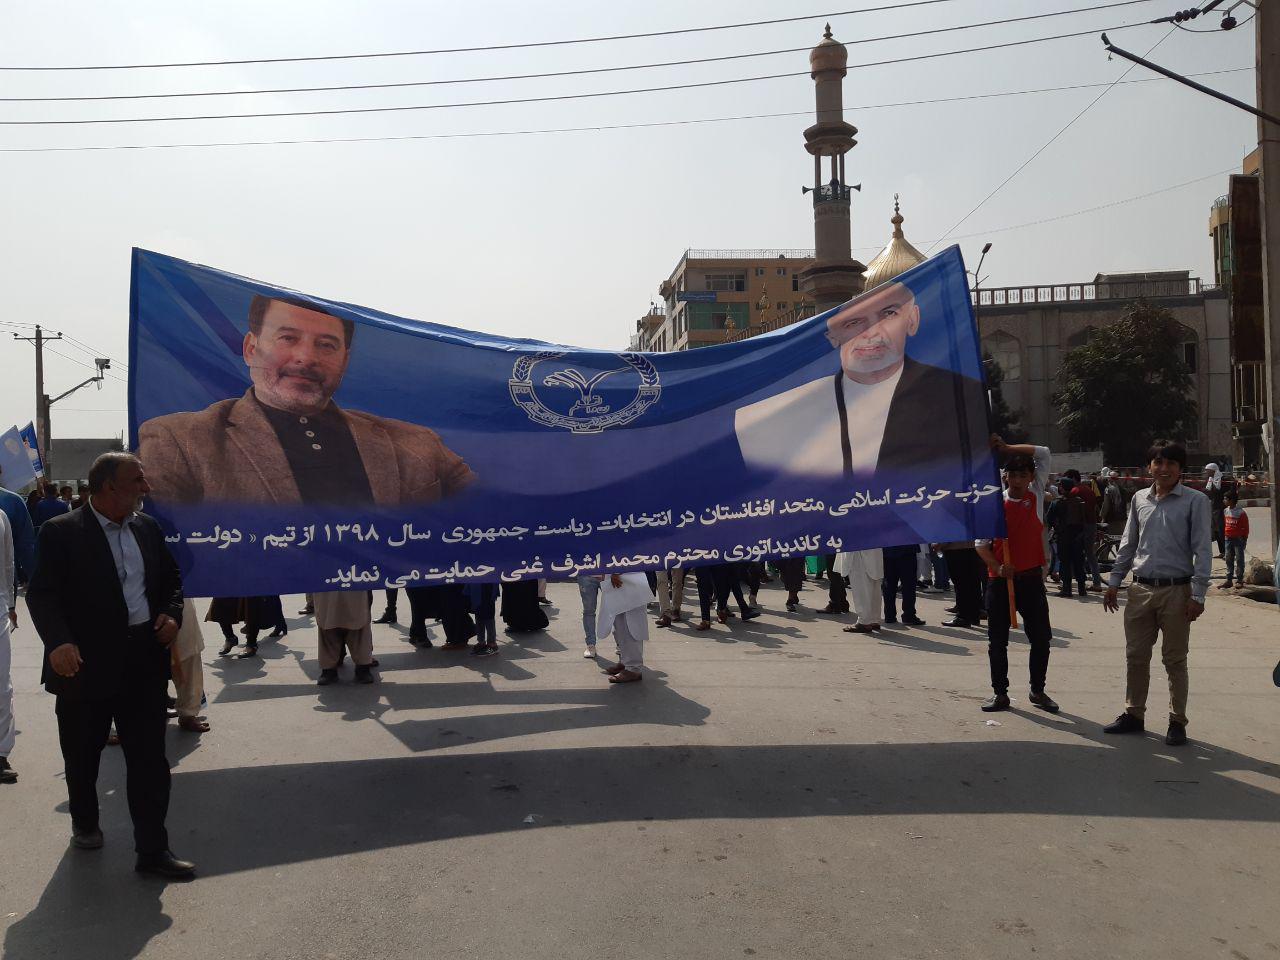 تصویر از راه پیمائی حزب حرکت اسلامی متحد افغانستان